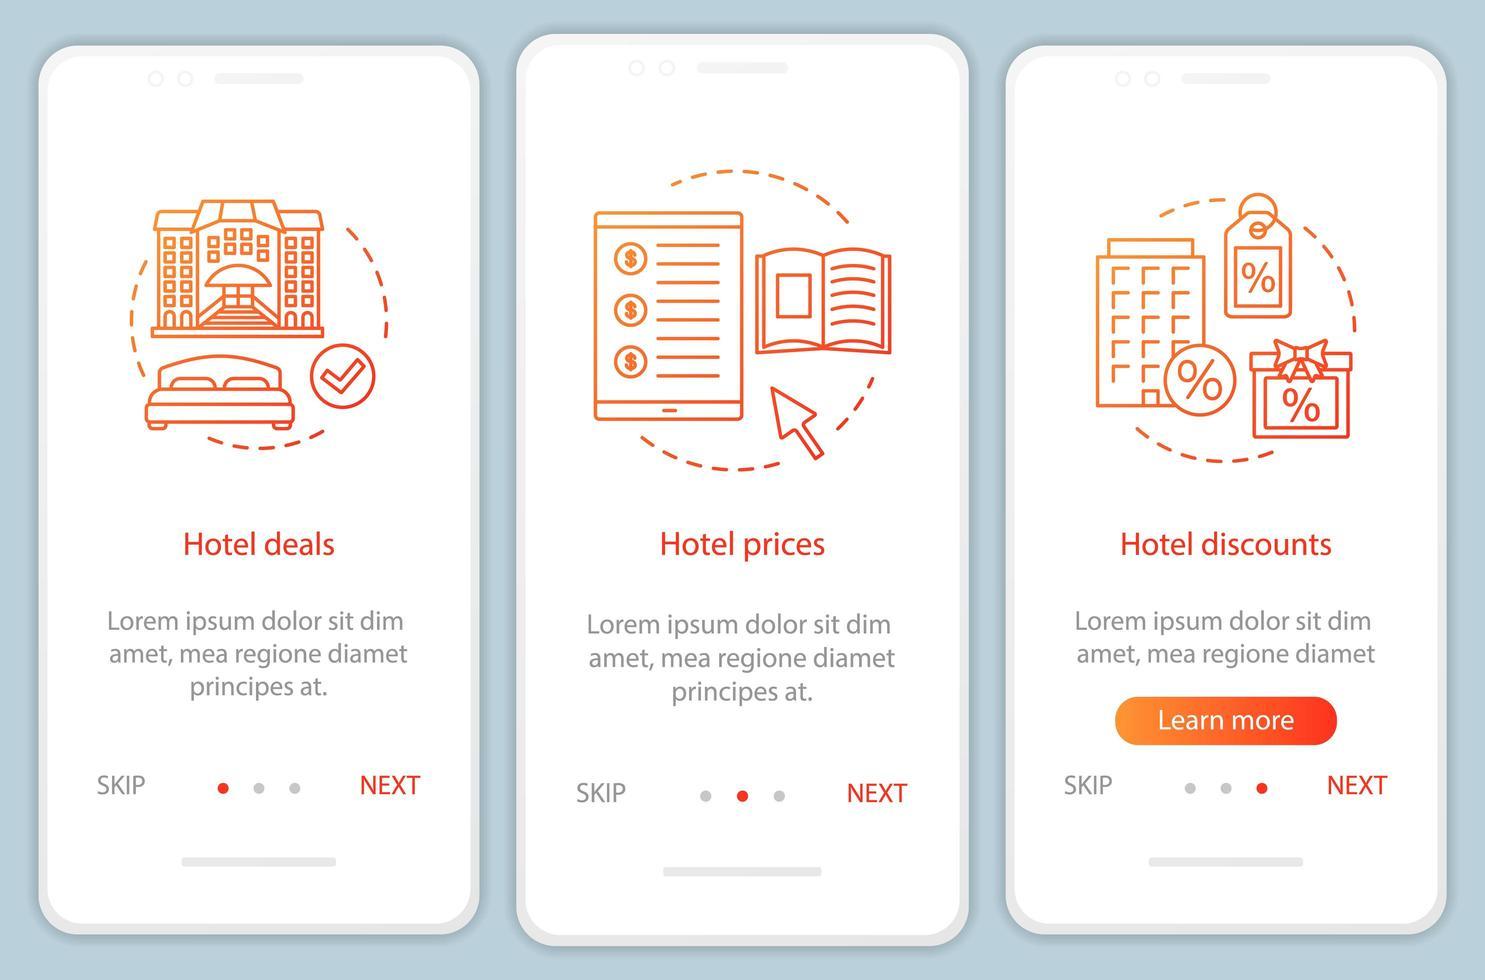 hotel online boeking onboarding mobiele app pagina scherm vector